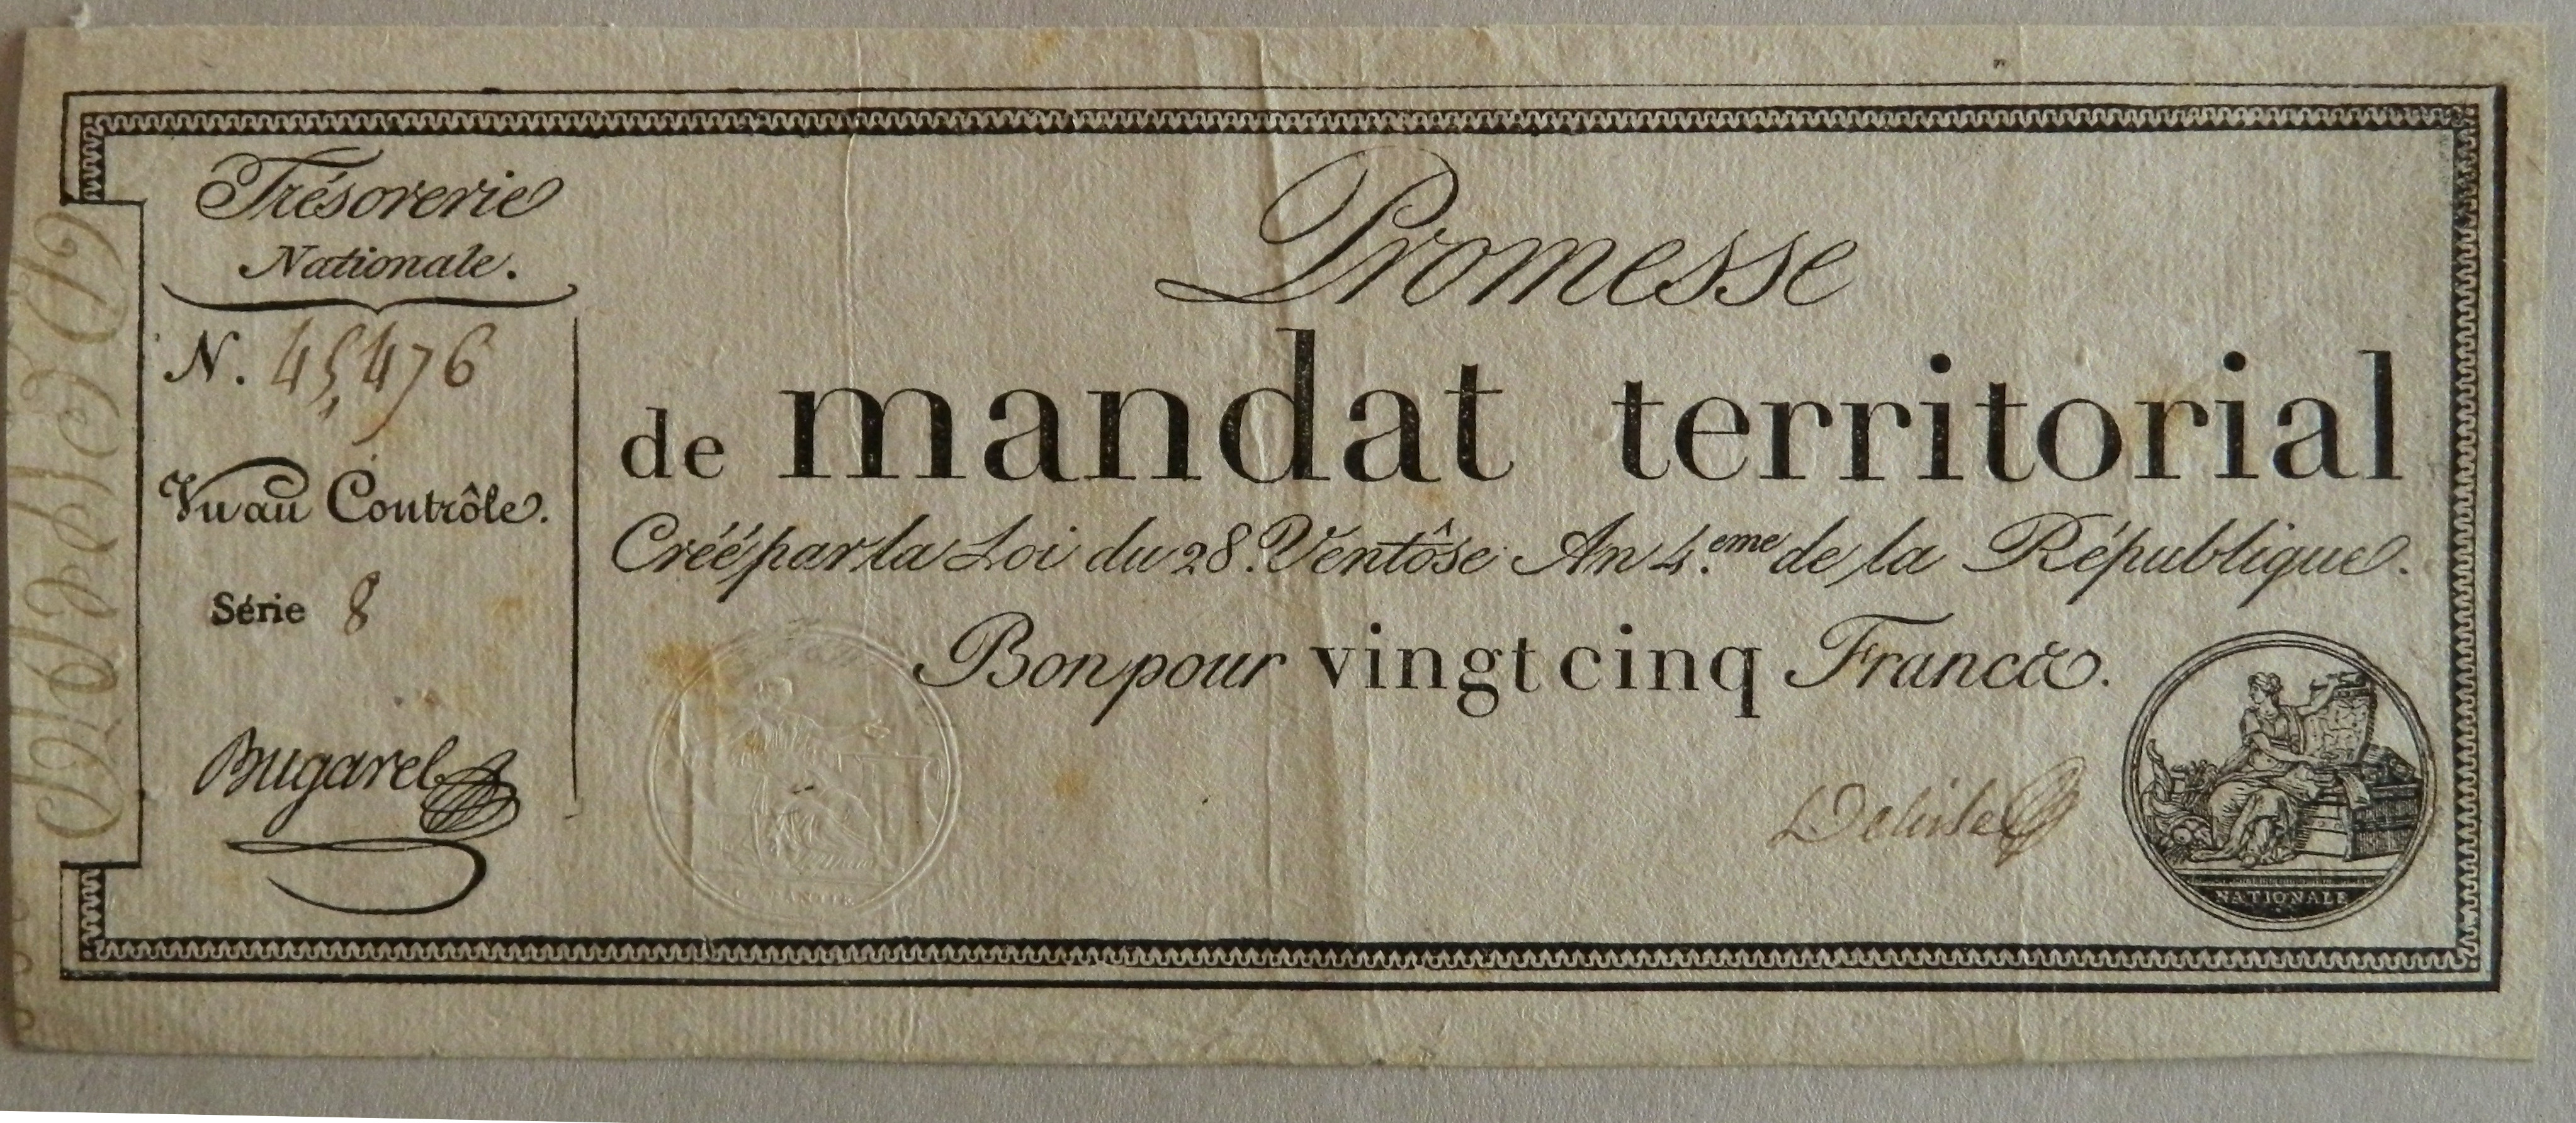 B009 Mandat territorial de 25 Francs An 4